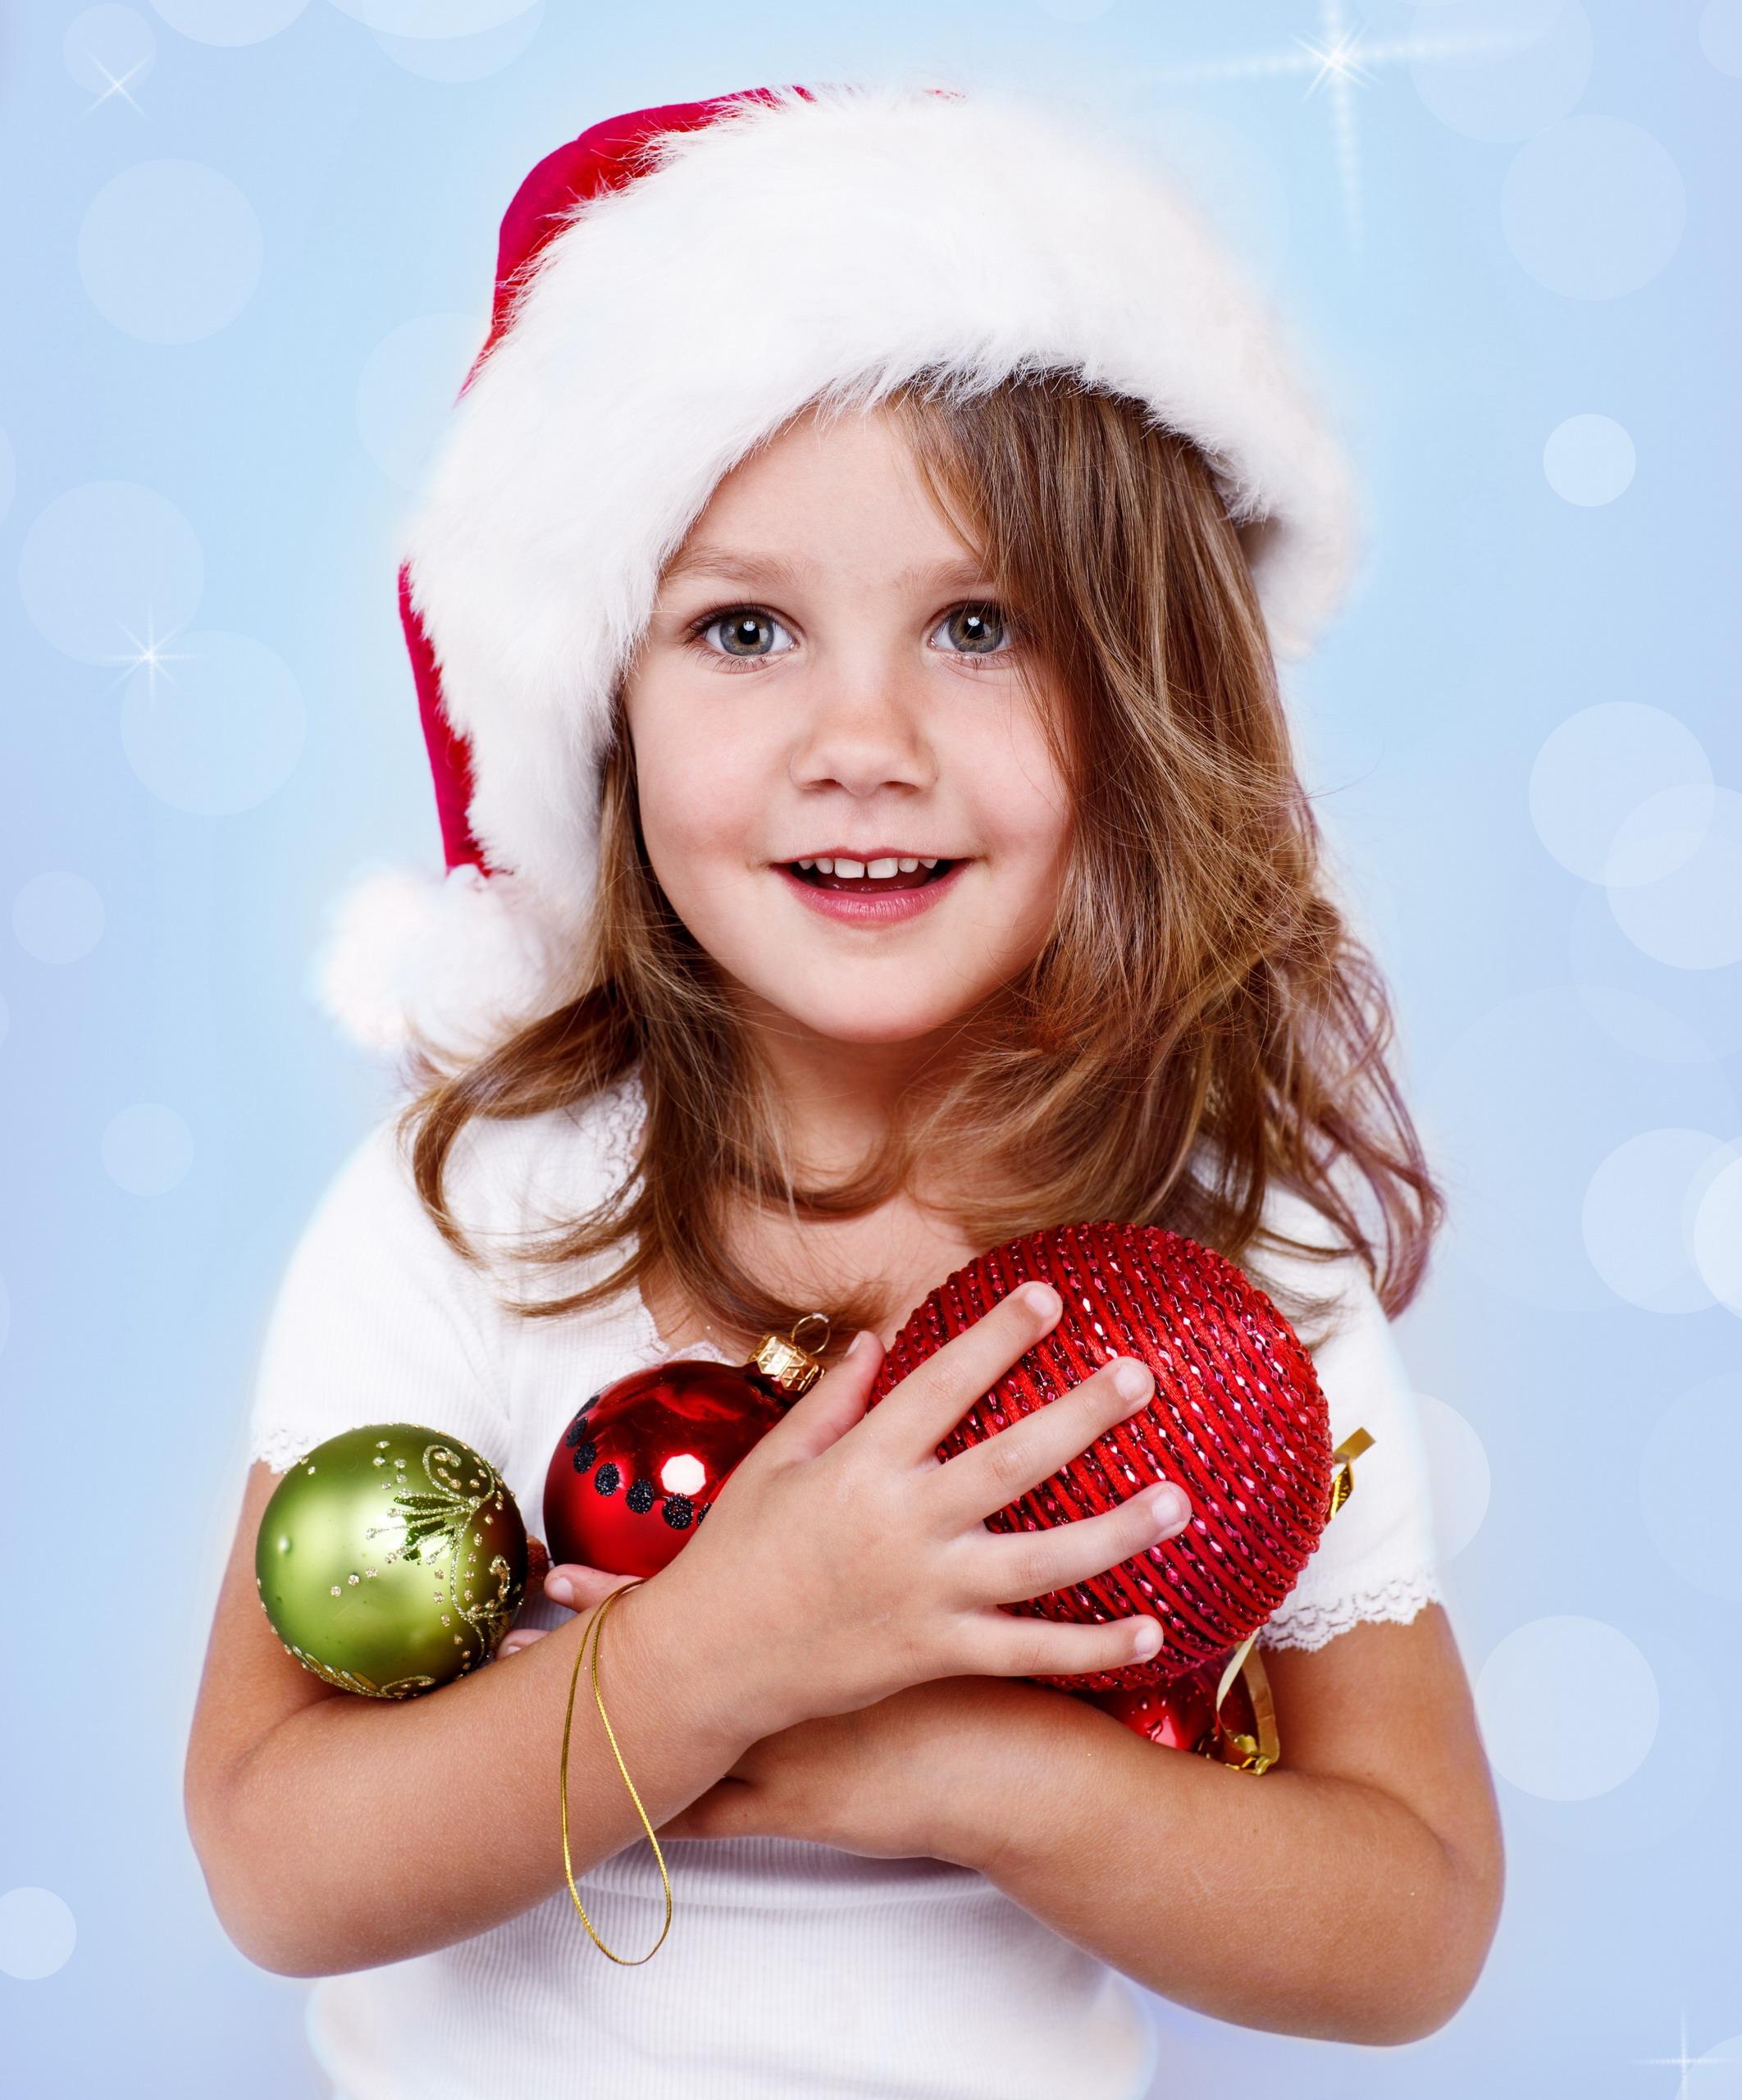 Картинки девочек в новый год